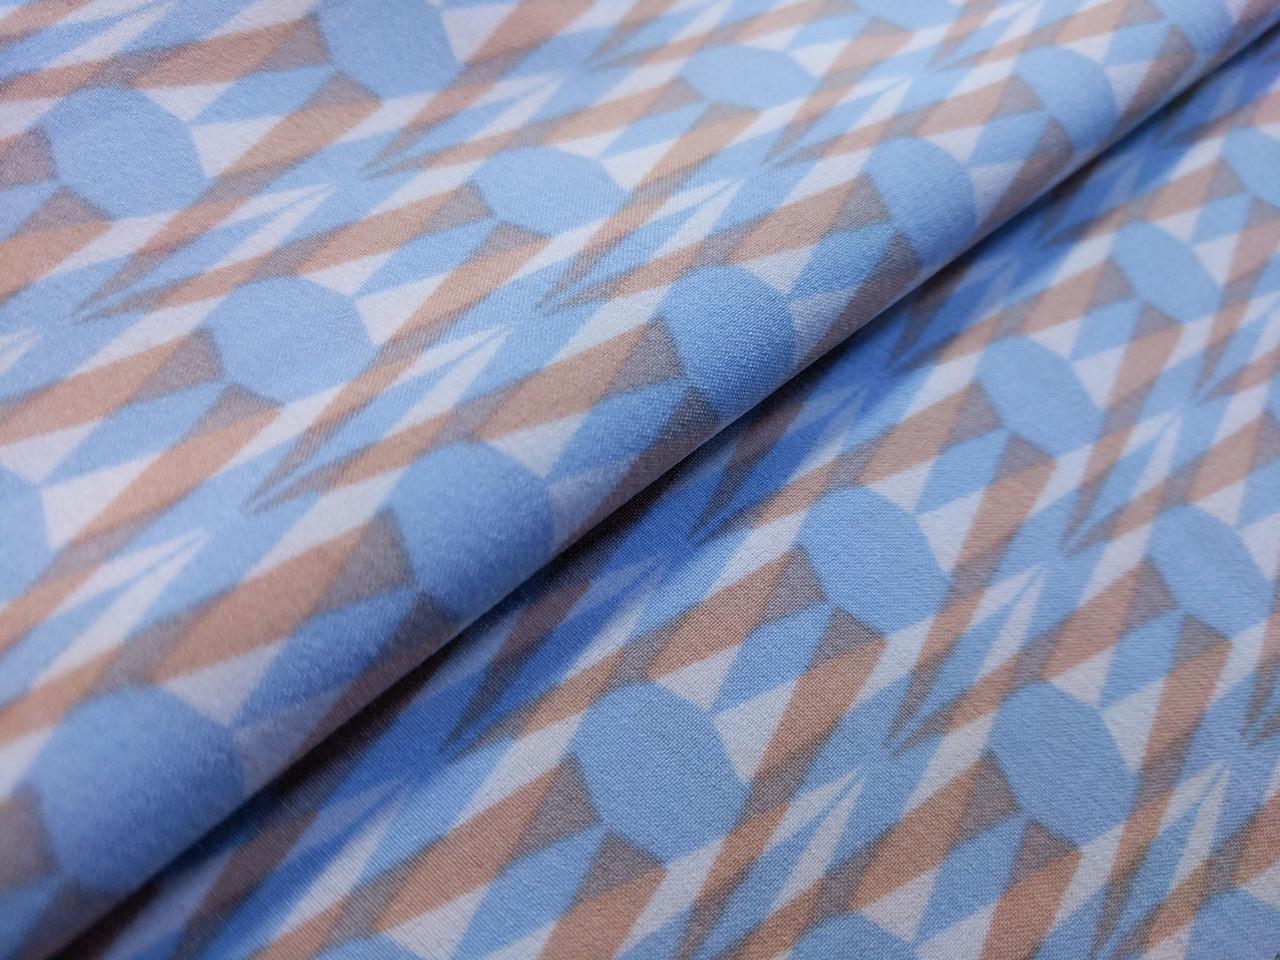 Французская вискоза софт геометрическая абстракция, голубой с бежевым